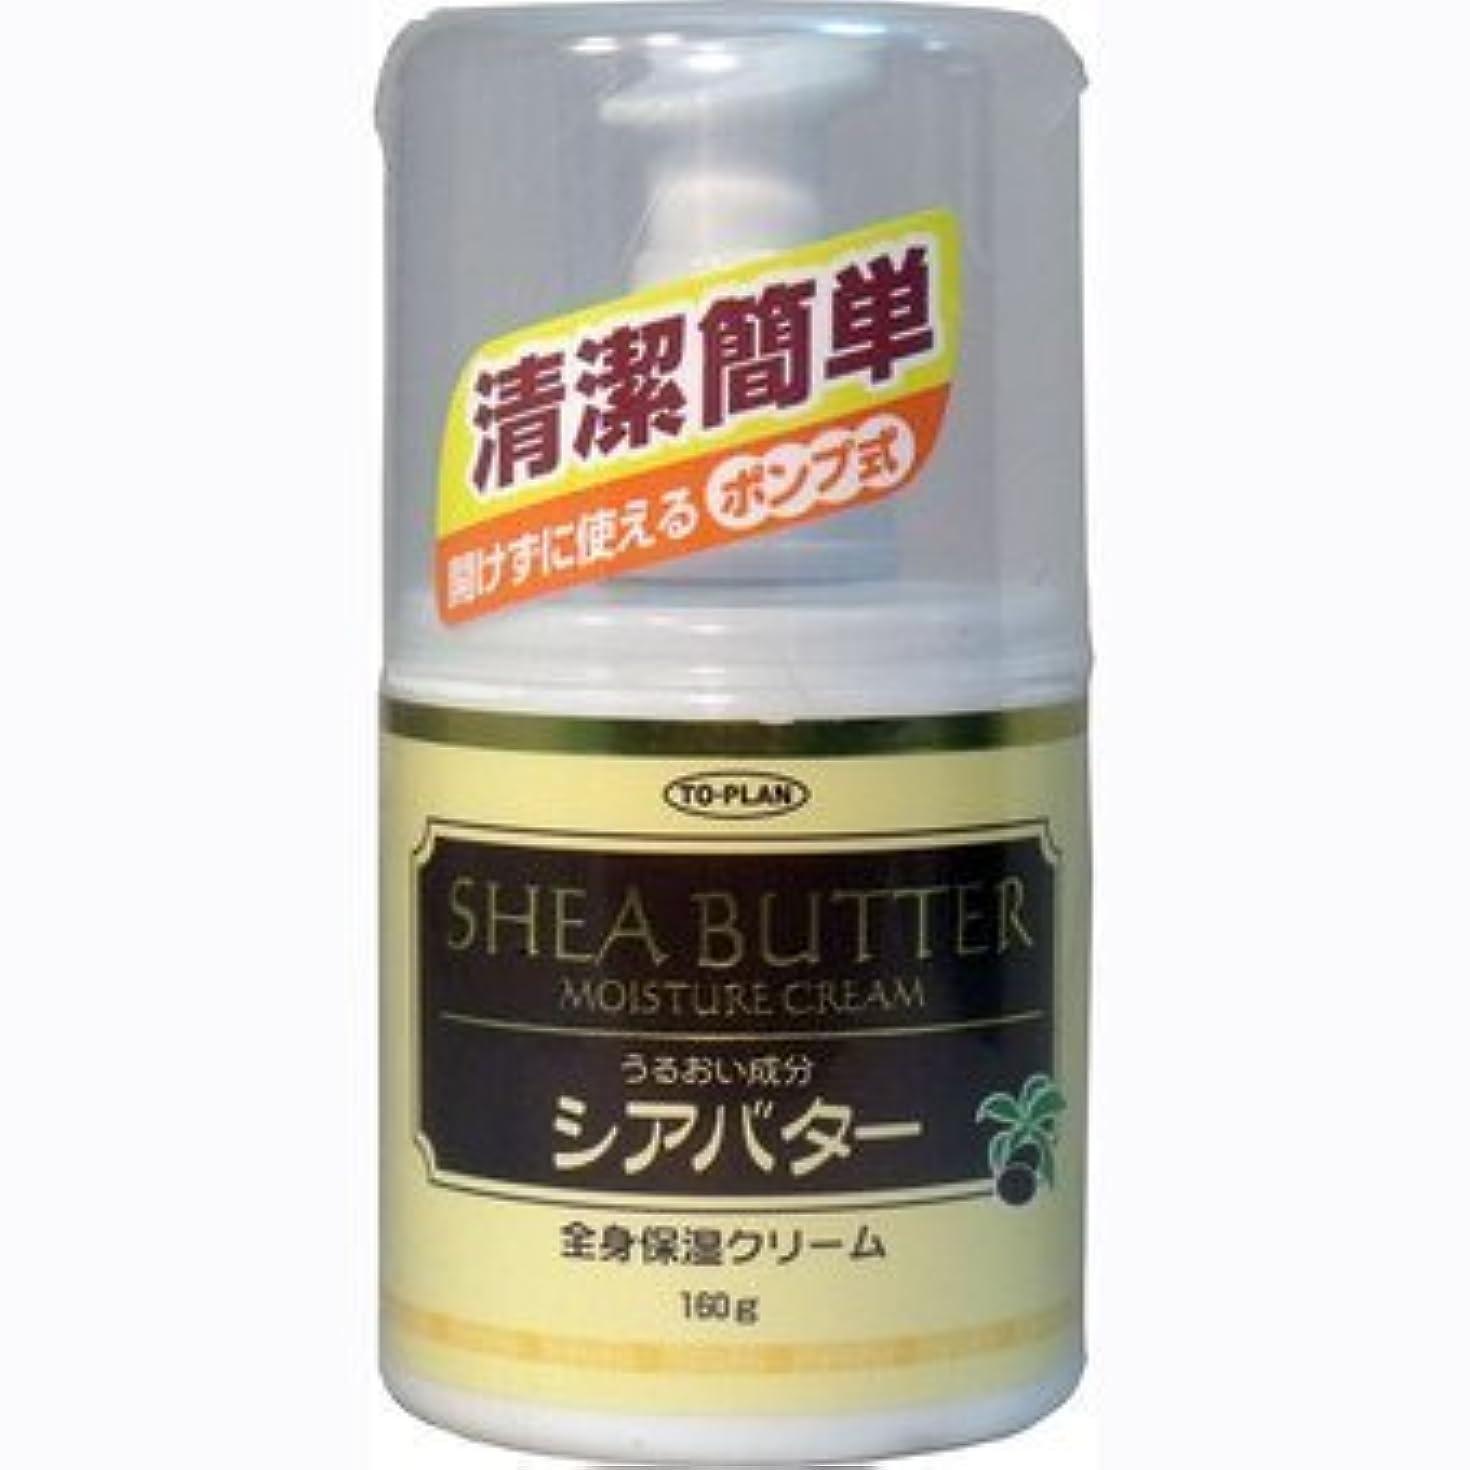 居間早熟メタントプラン 全身保湿クリーム シアバター ポンプ式 160g (商品内訳:単品1本)